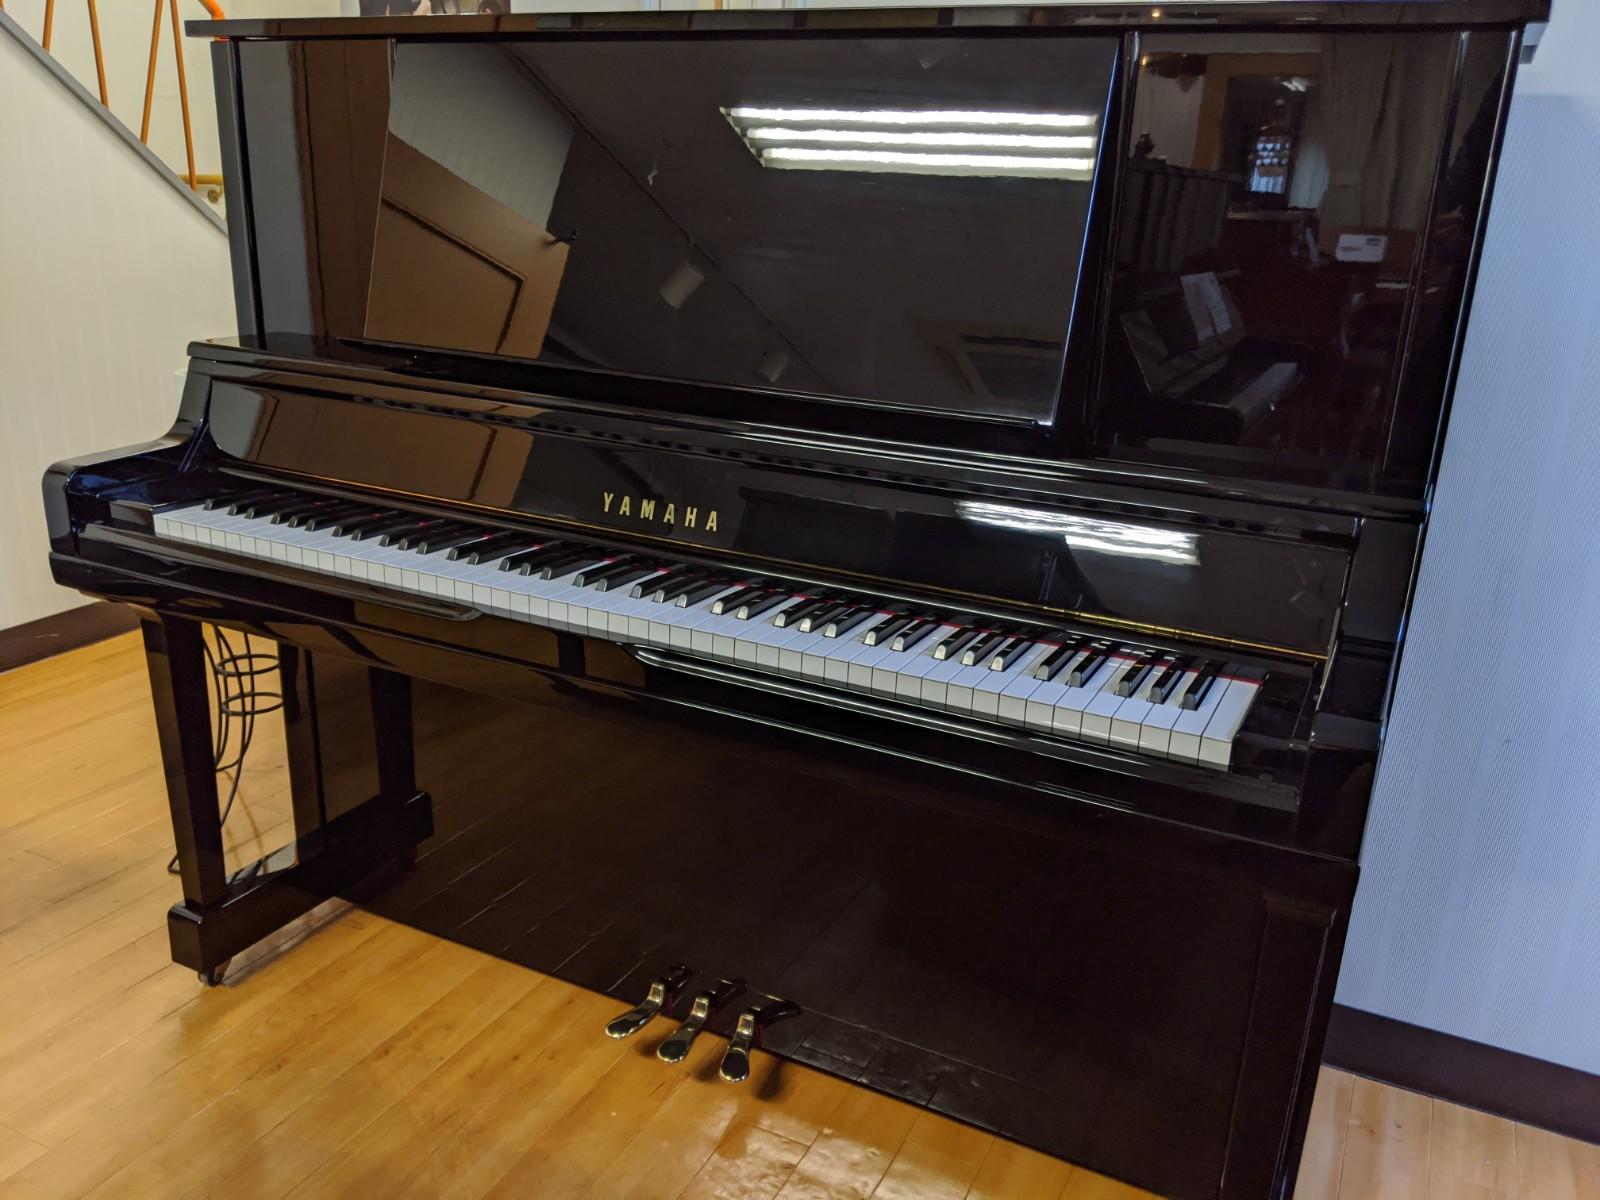 【中古】ヤマハ UX30A 人気のX支柱搭載上級モデル【中古ピアノ】【アップライト】【X支柱】